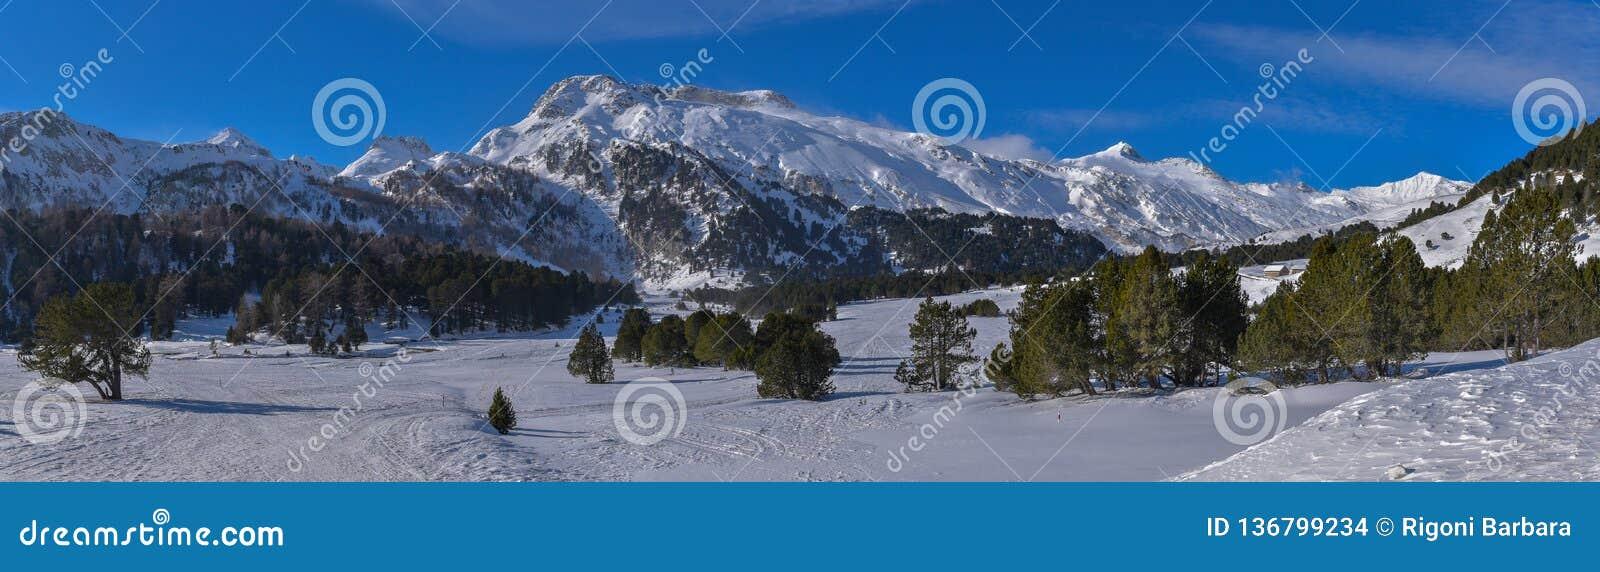 Panorama da montanha alta no inverno com neve, pinheiros e o céu azul